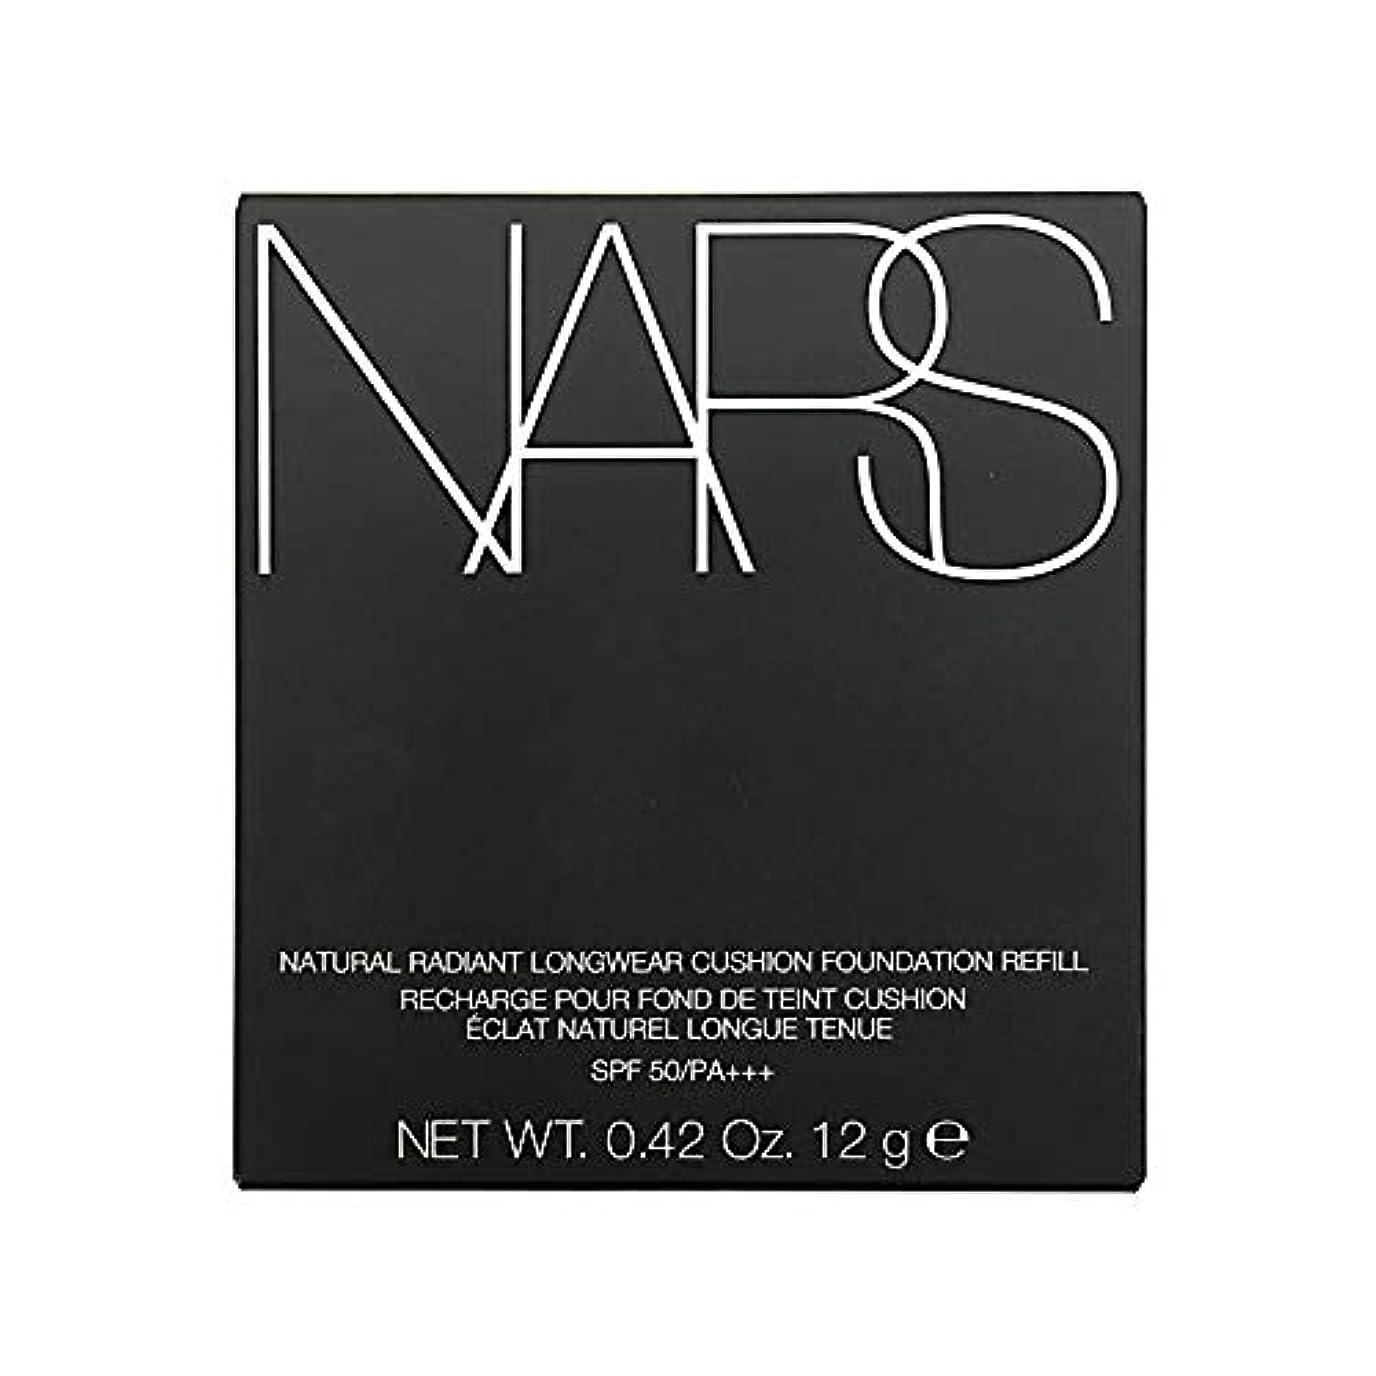 宇宙パイ警官ナーズ/NARS ナチュラルラディアント ロングウェア クッションファンデーション(レフィル)#5881 [ クッションファンデ ] [並行輸入品]